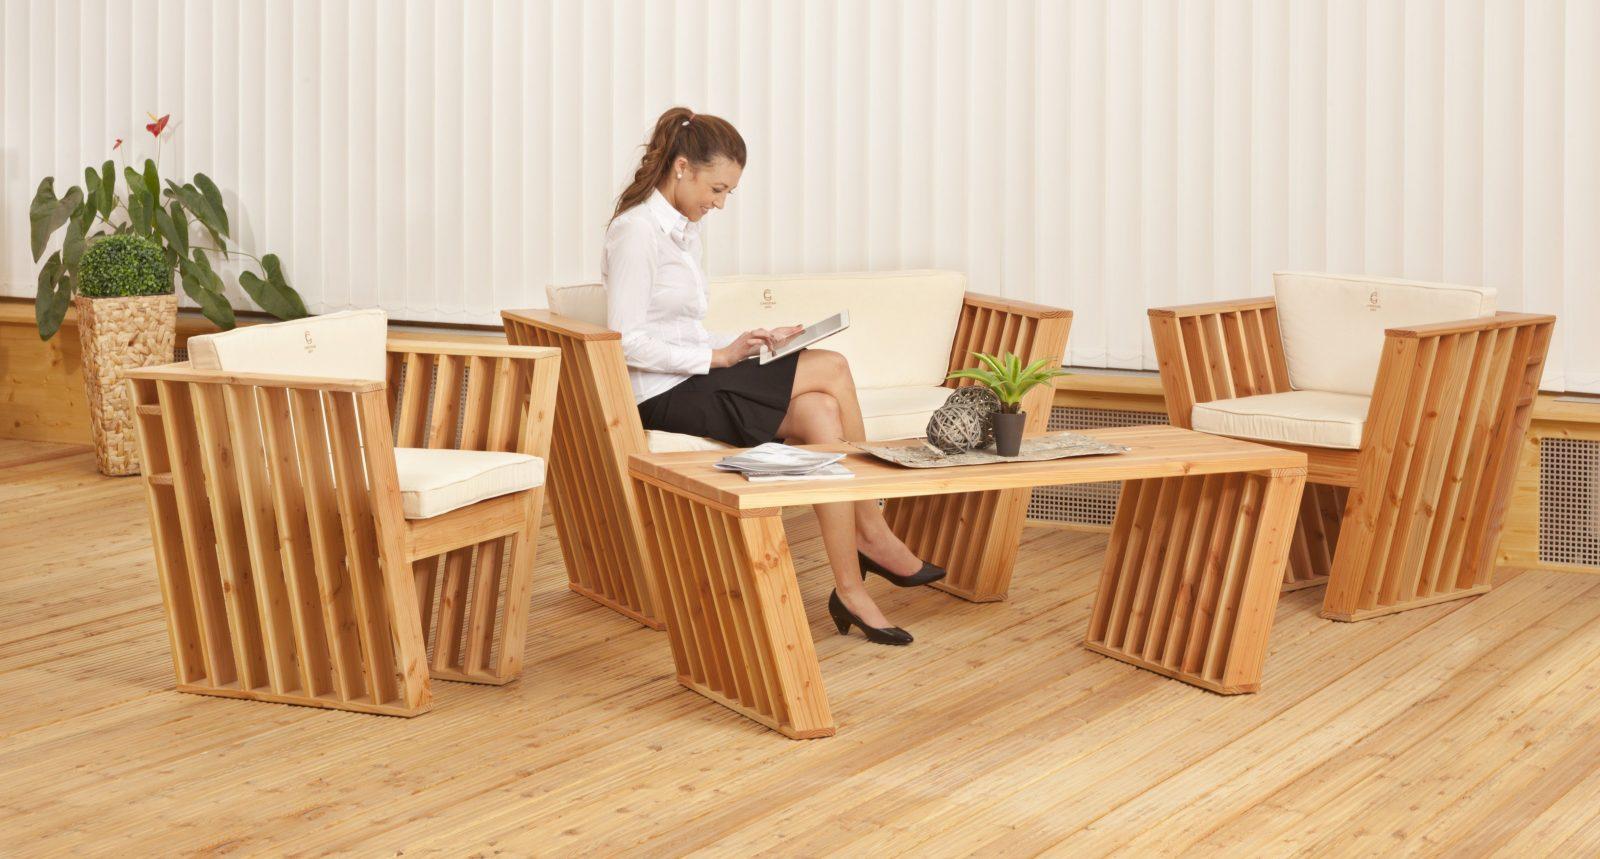 Gartenmobel Aus Holz Selber Bauen Siddhimind Info Avec Gartenmöbel von Gartenstuhl Holz Selber Bauen Bild